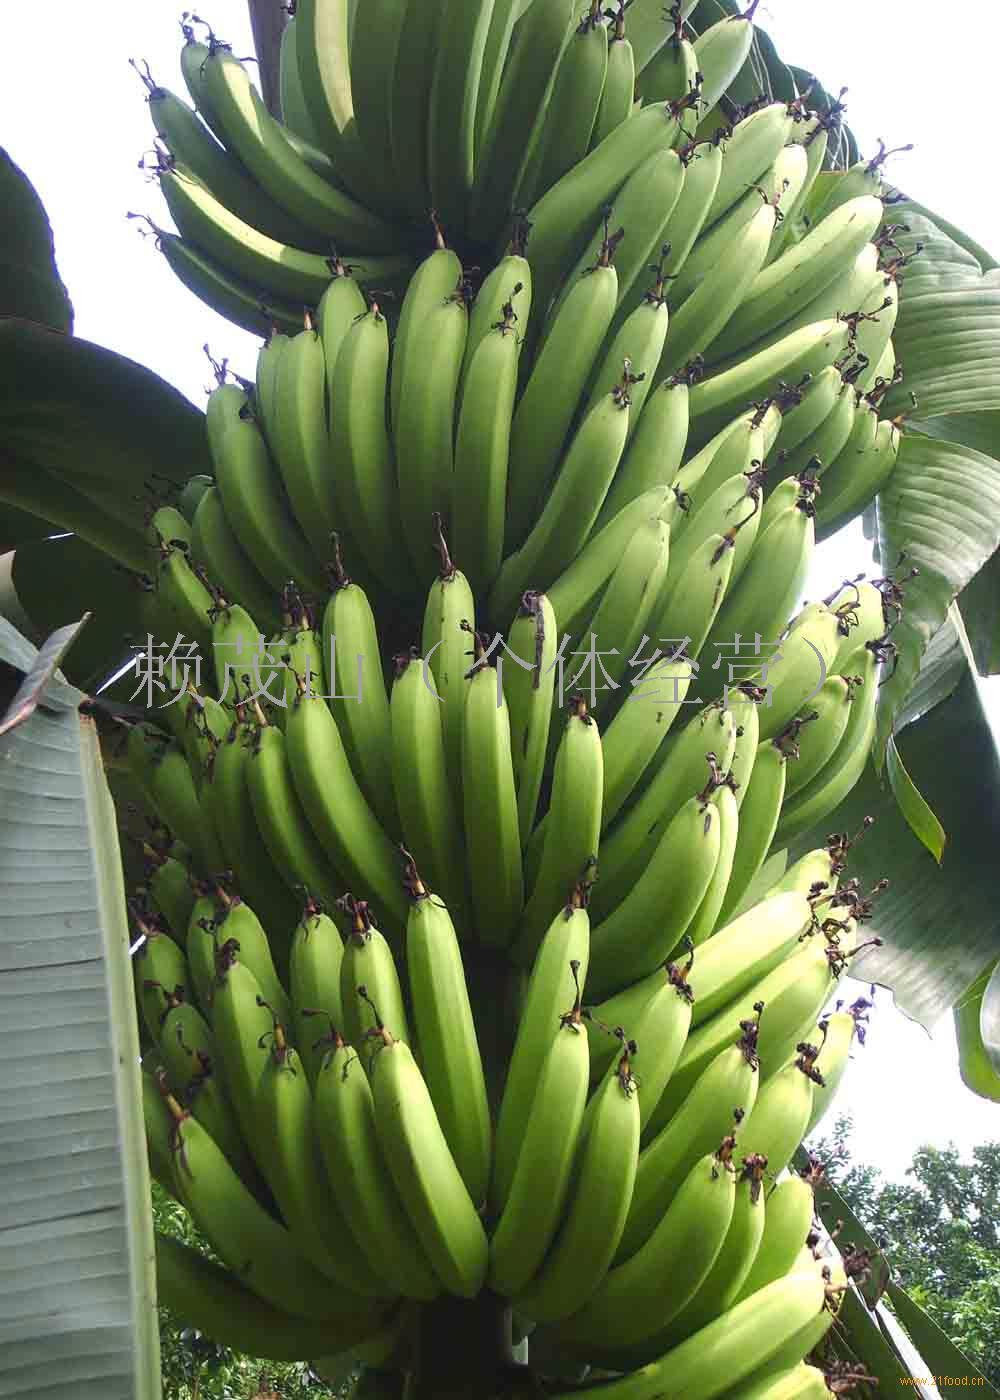 香蕉煮伊手机一区 大香区煮伊2021免费